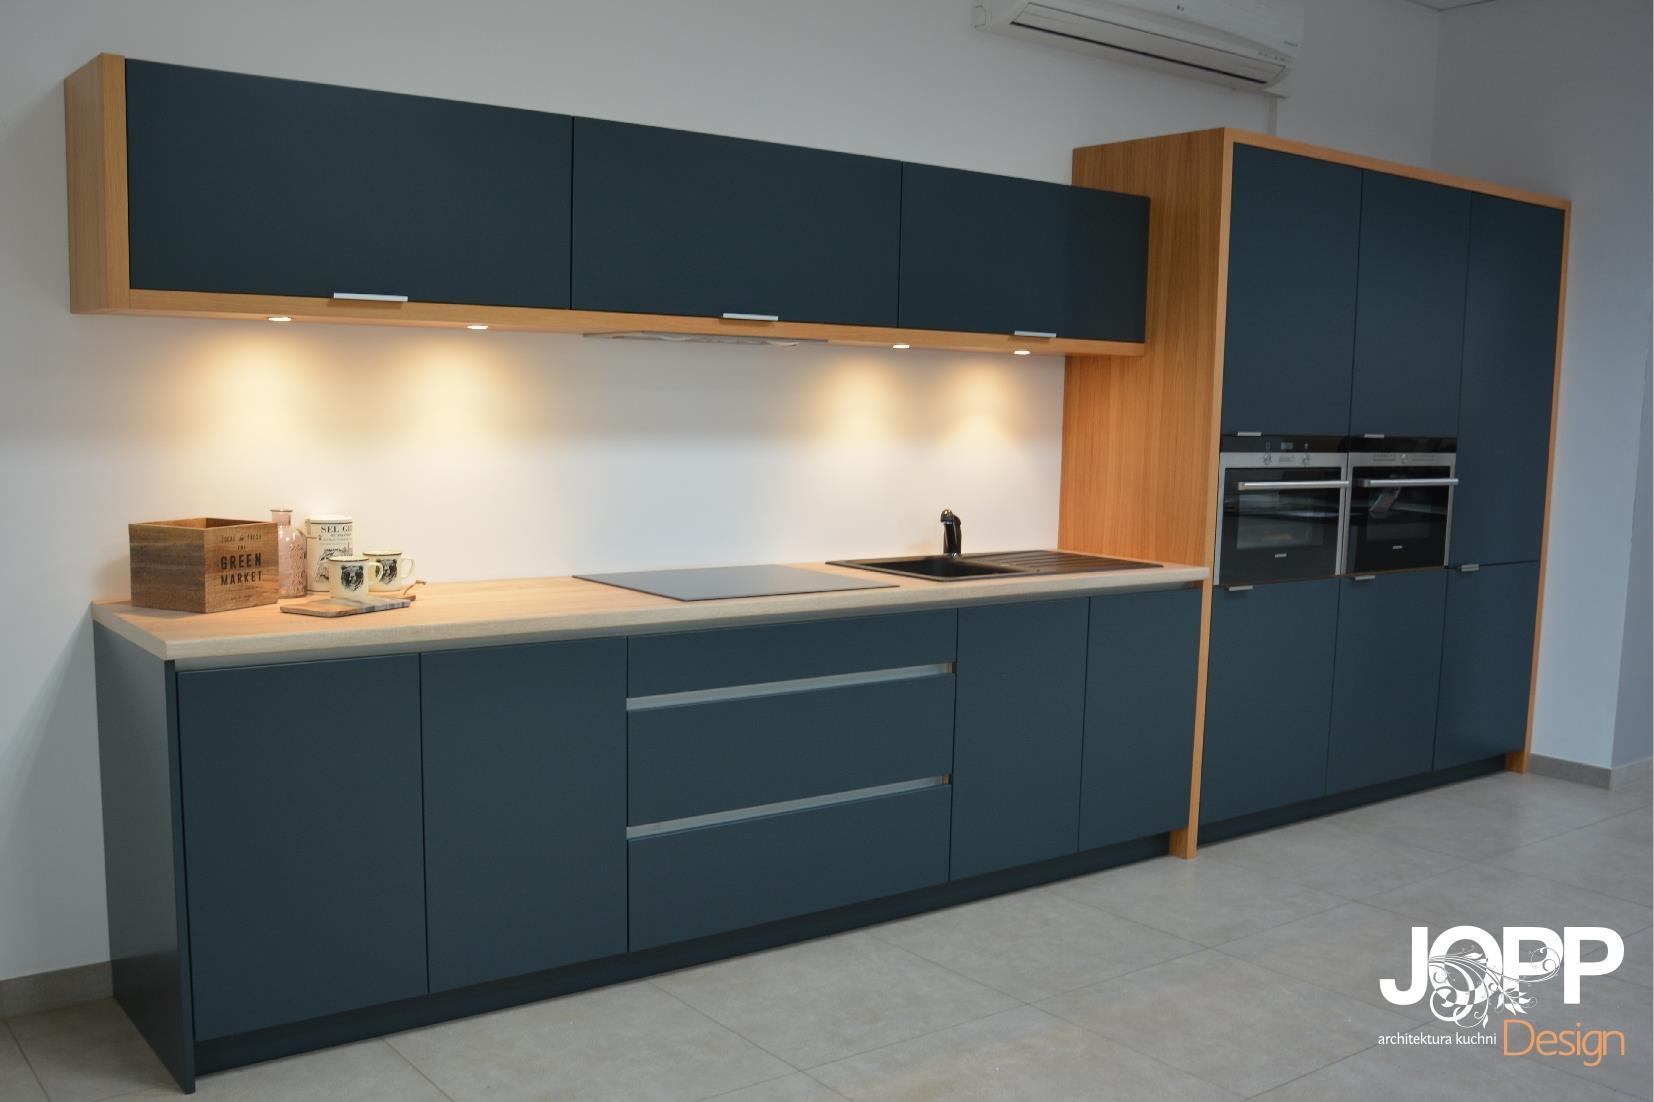 Meble Kuchenne Jopp Design Z Naszej Ekspozycji 7035936804